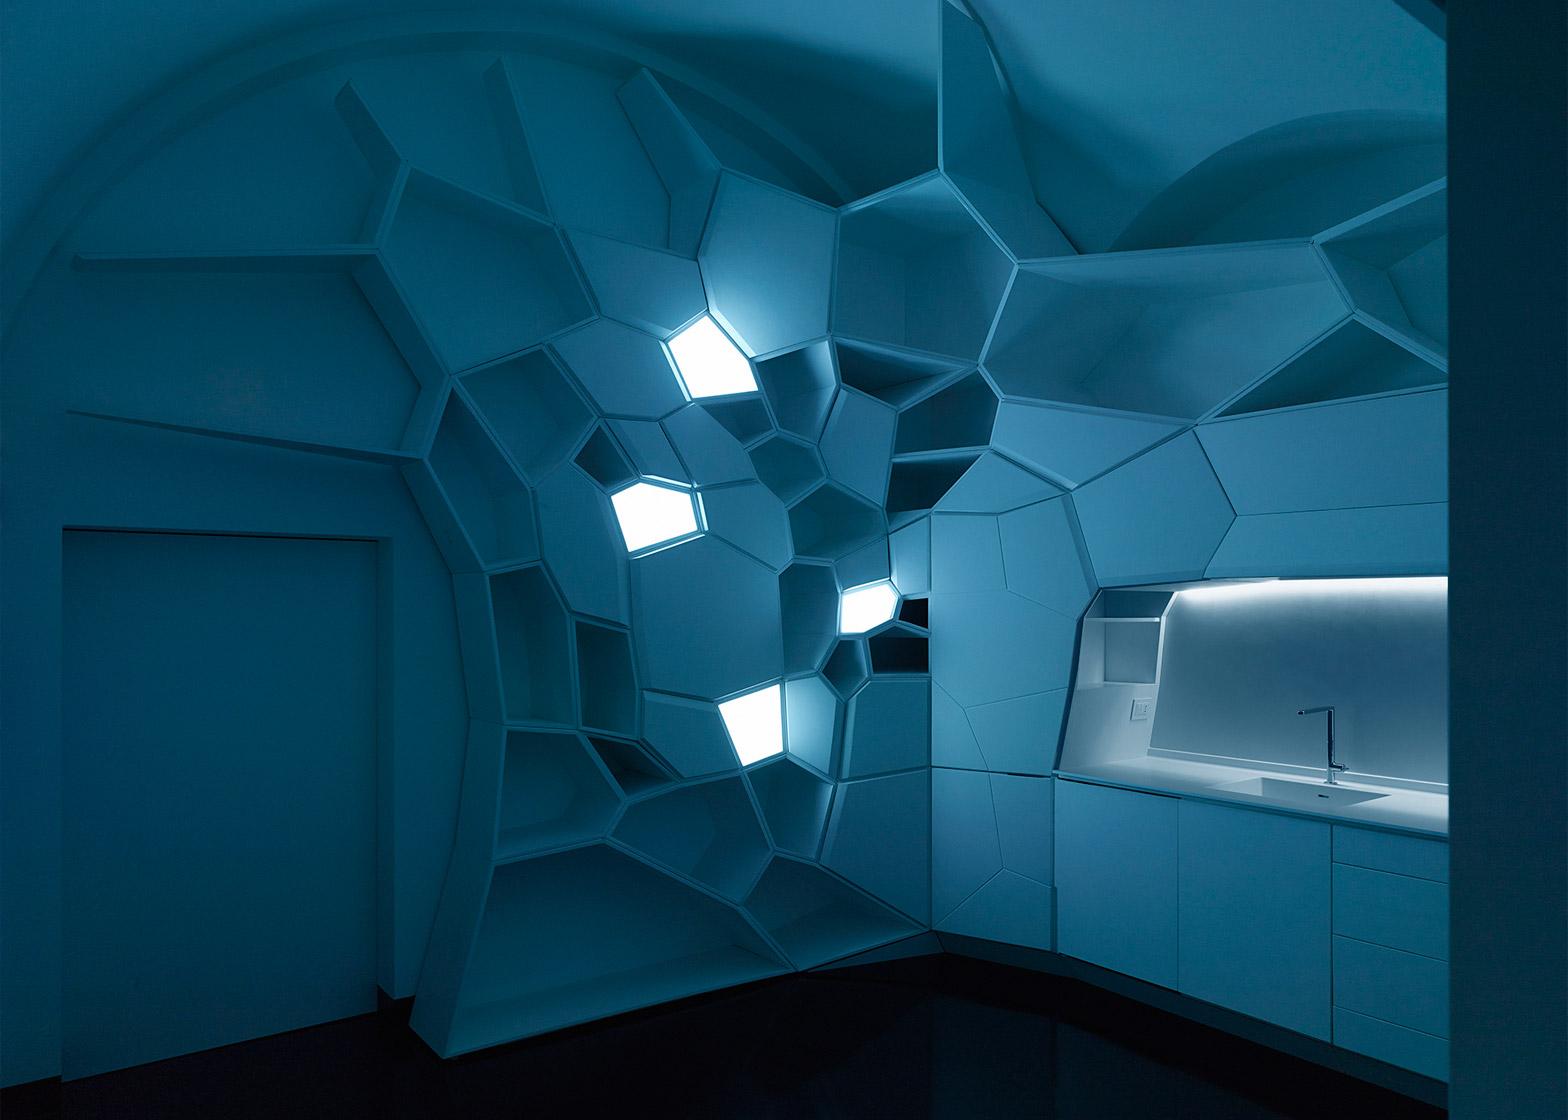 gentle-genius-gg-loop-facade-refurbishment-interior_dezeen_1568_1